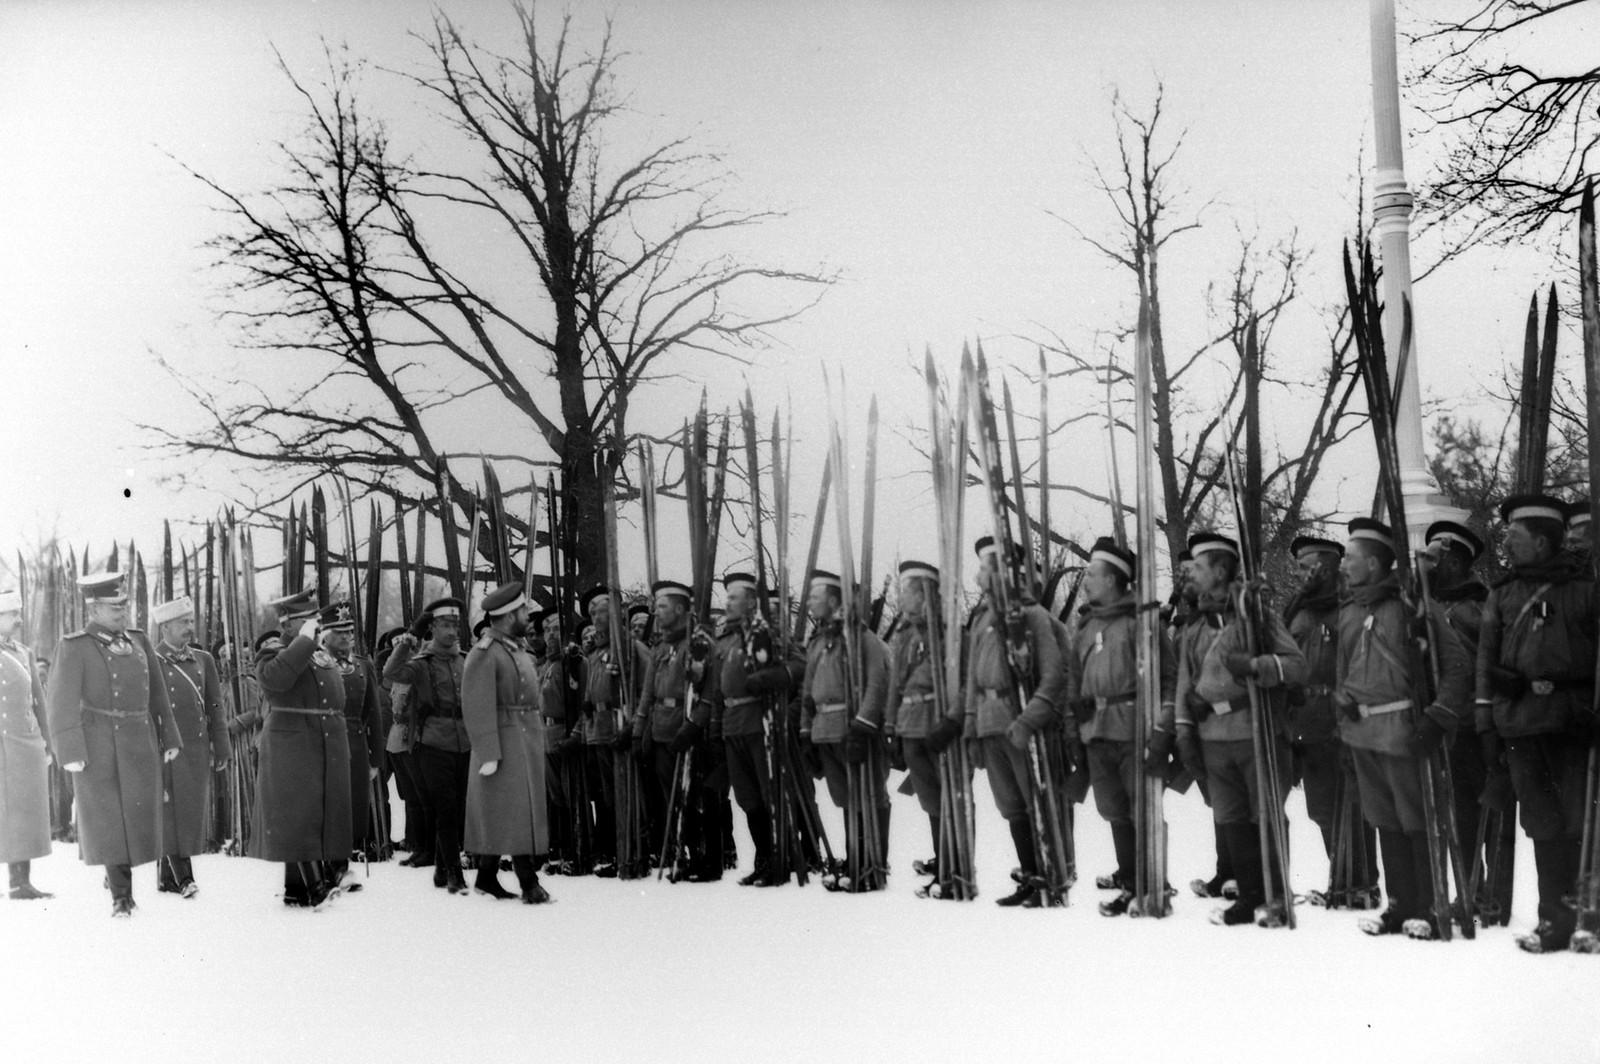 1914. Николай II проводит смотр лыжников Лейб-гвардейского Измайловского полка. Царское село